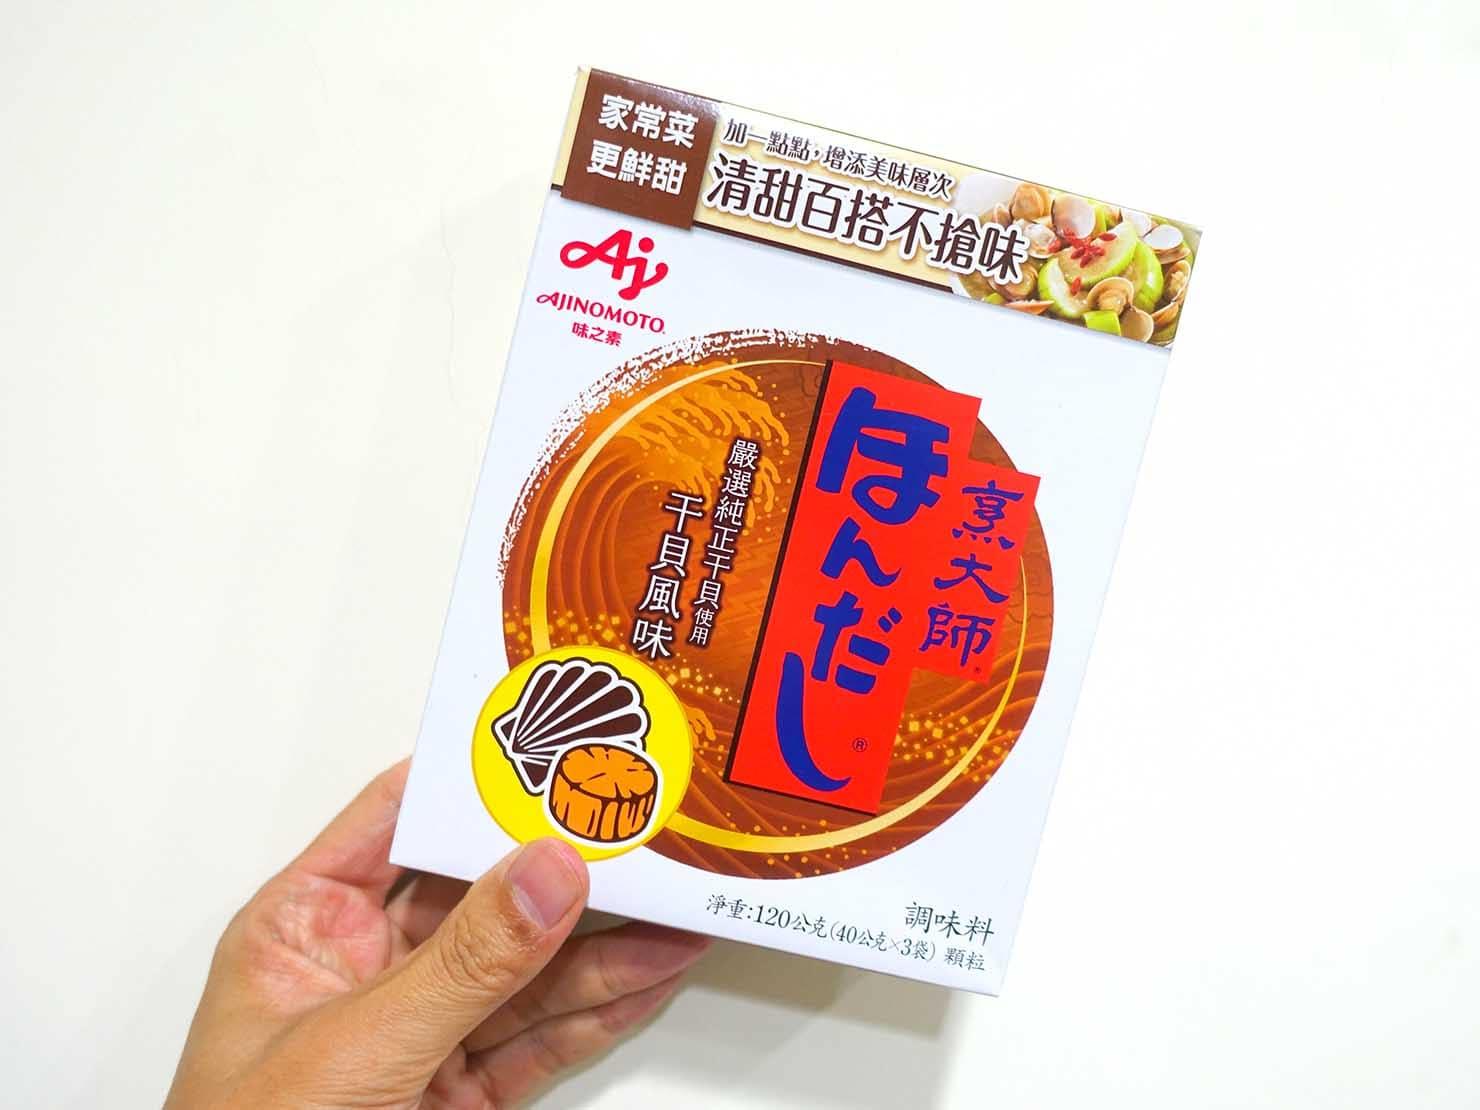 台湾のスーパーで手に入る調味料「烹大師」